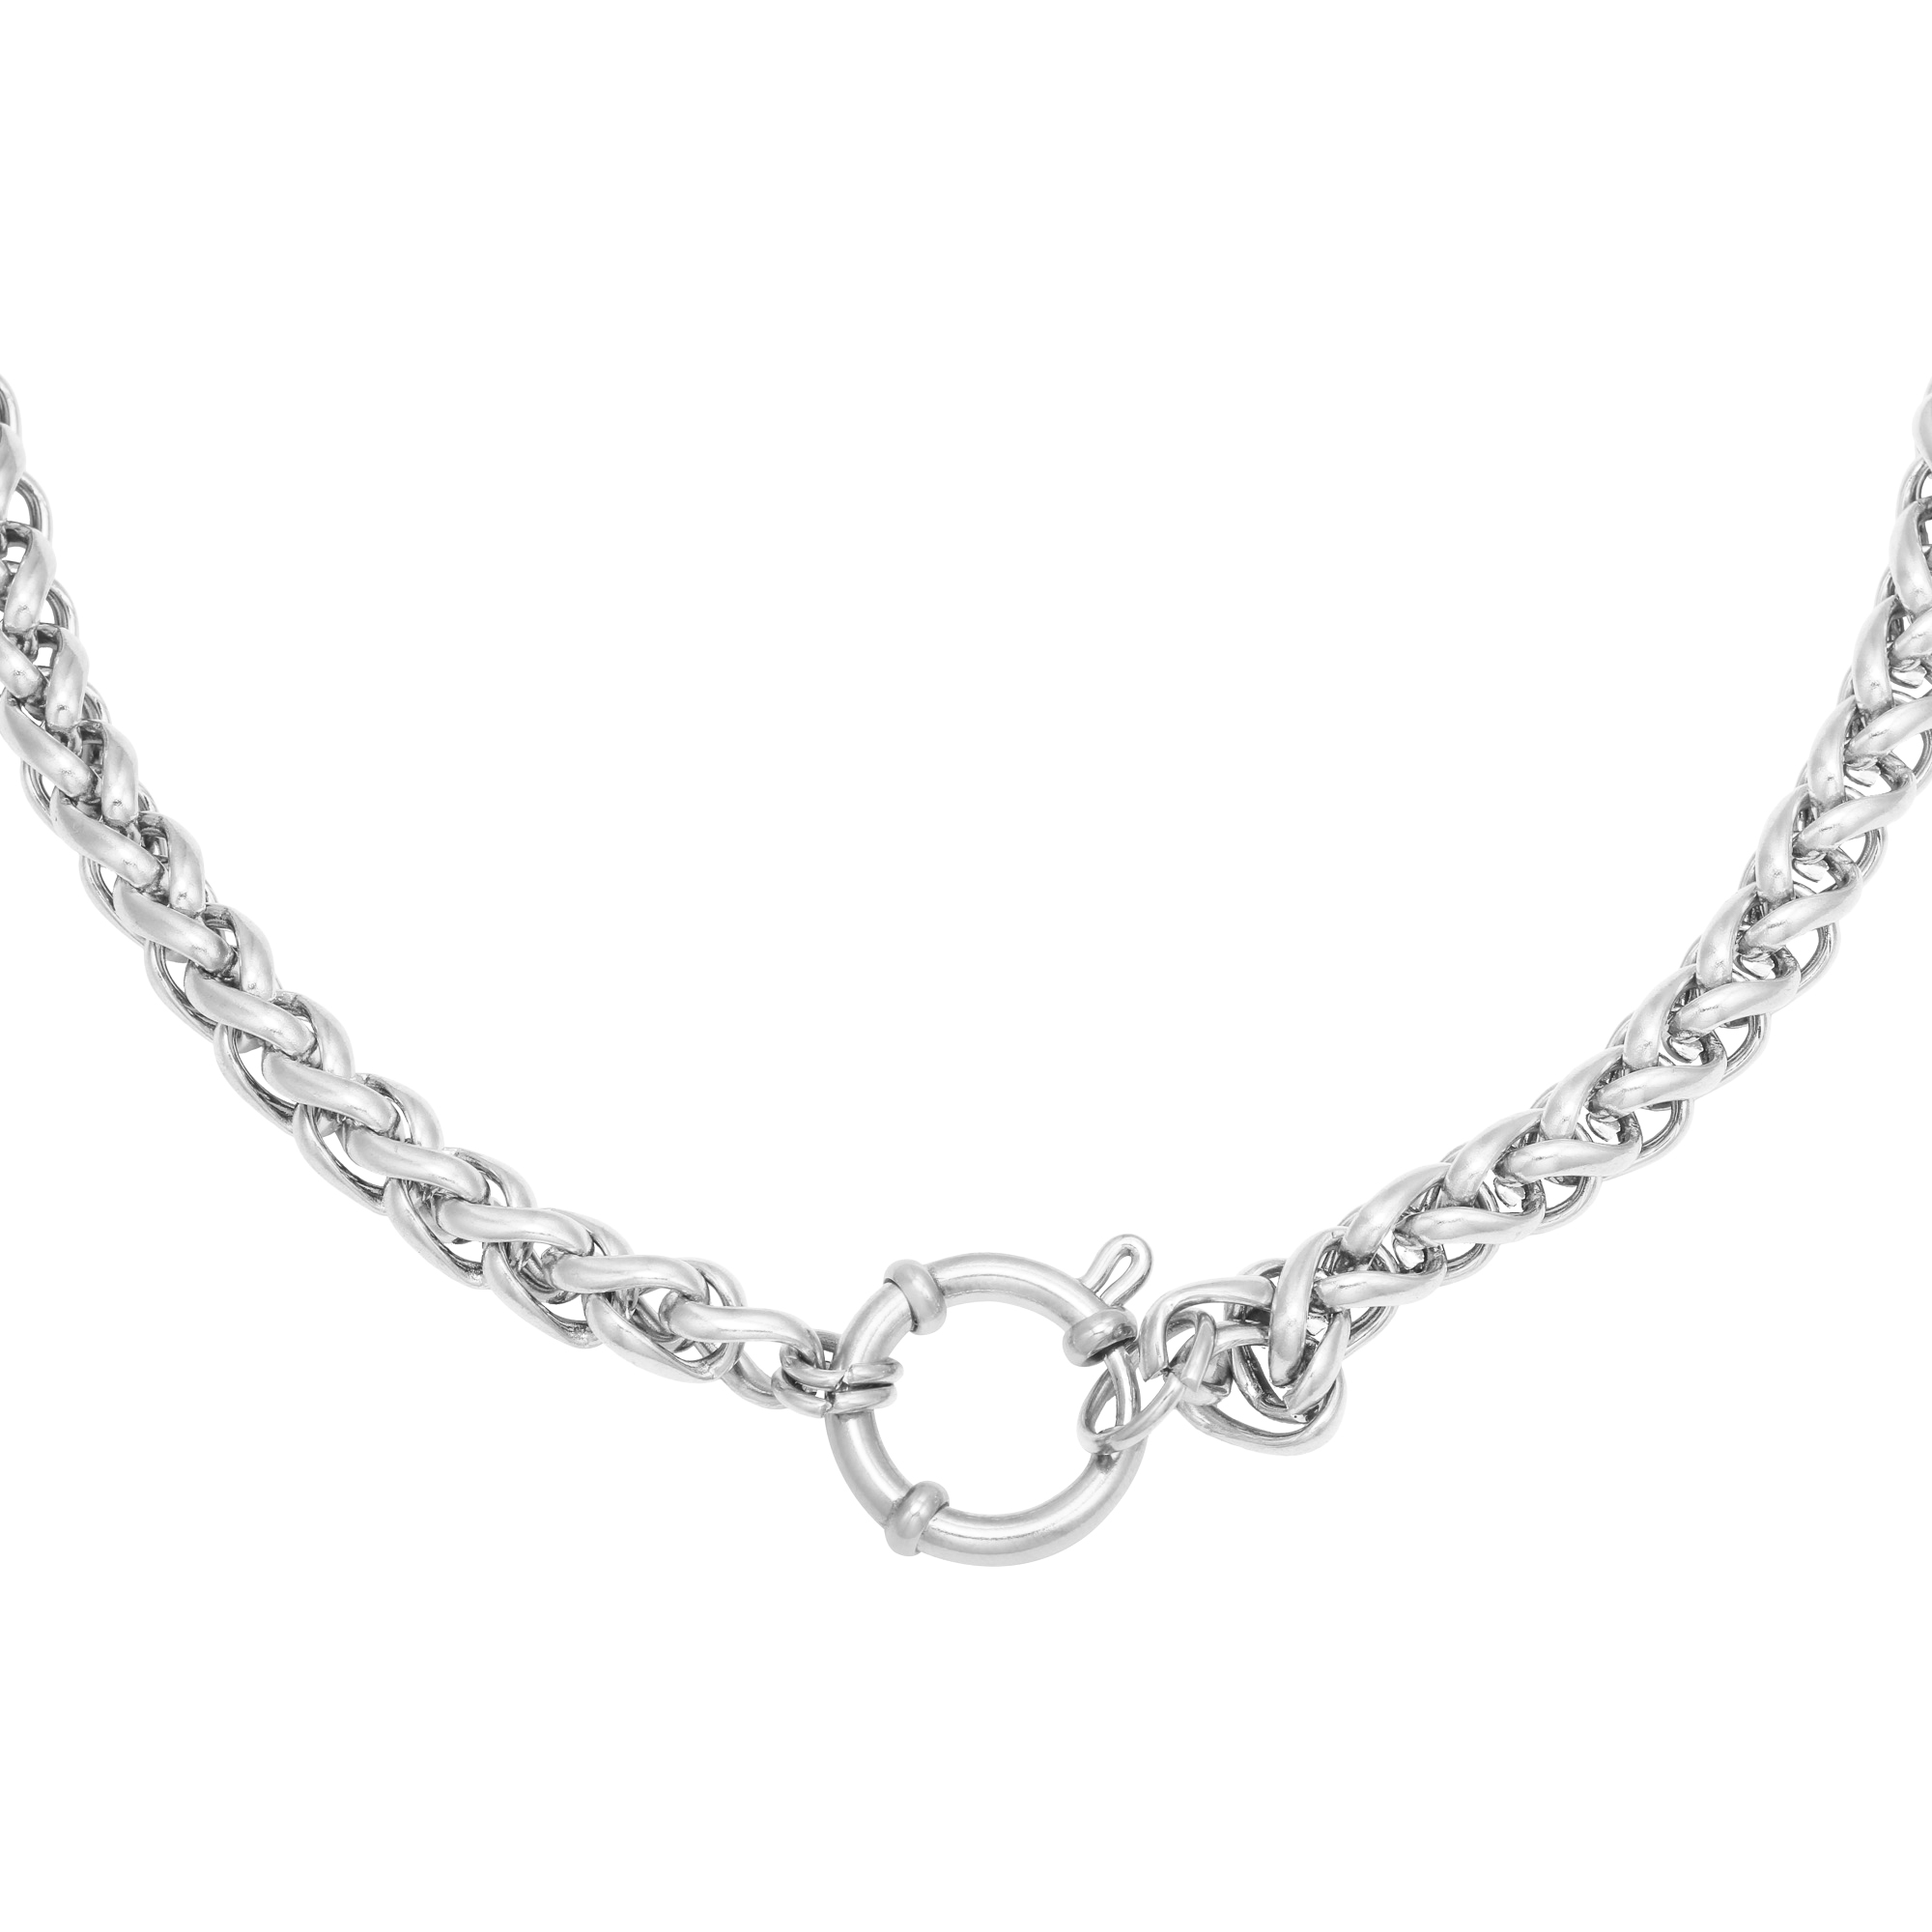 Halskette chain quinn